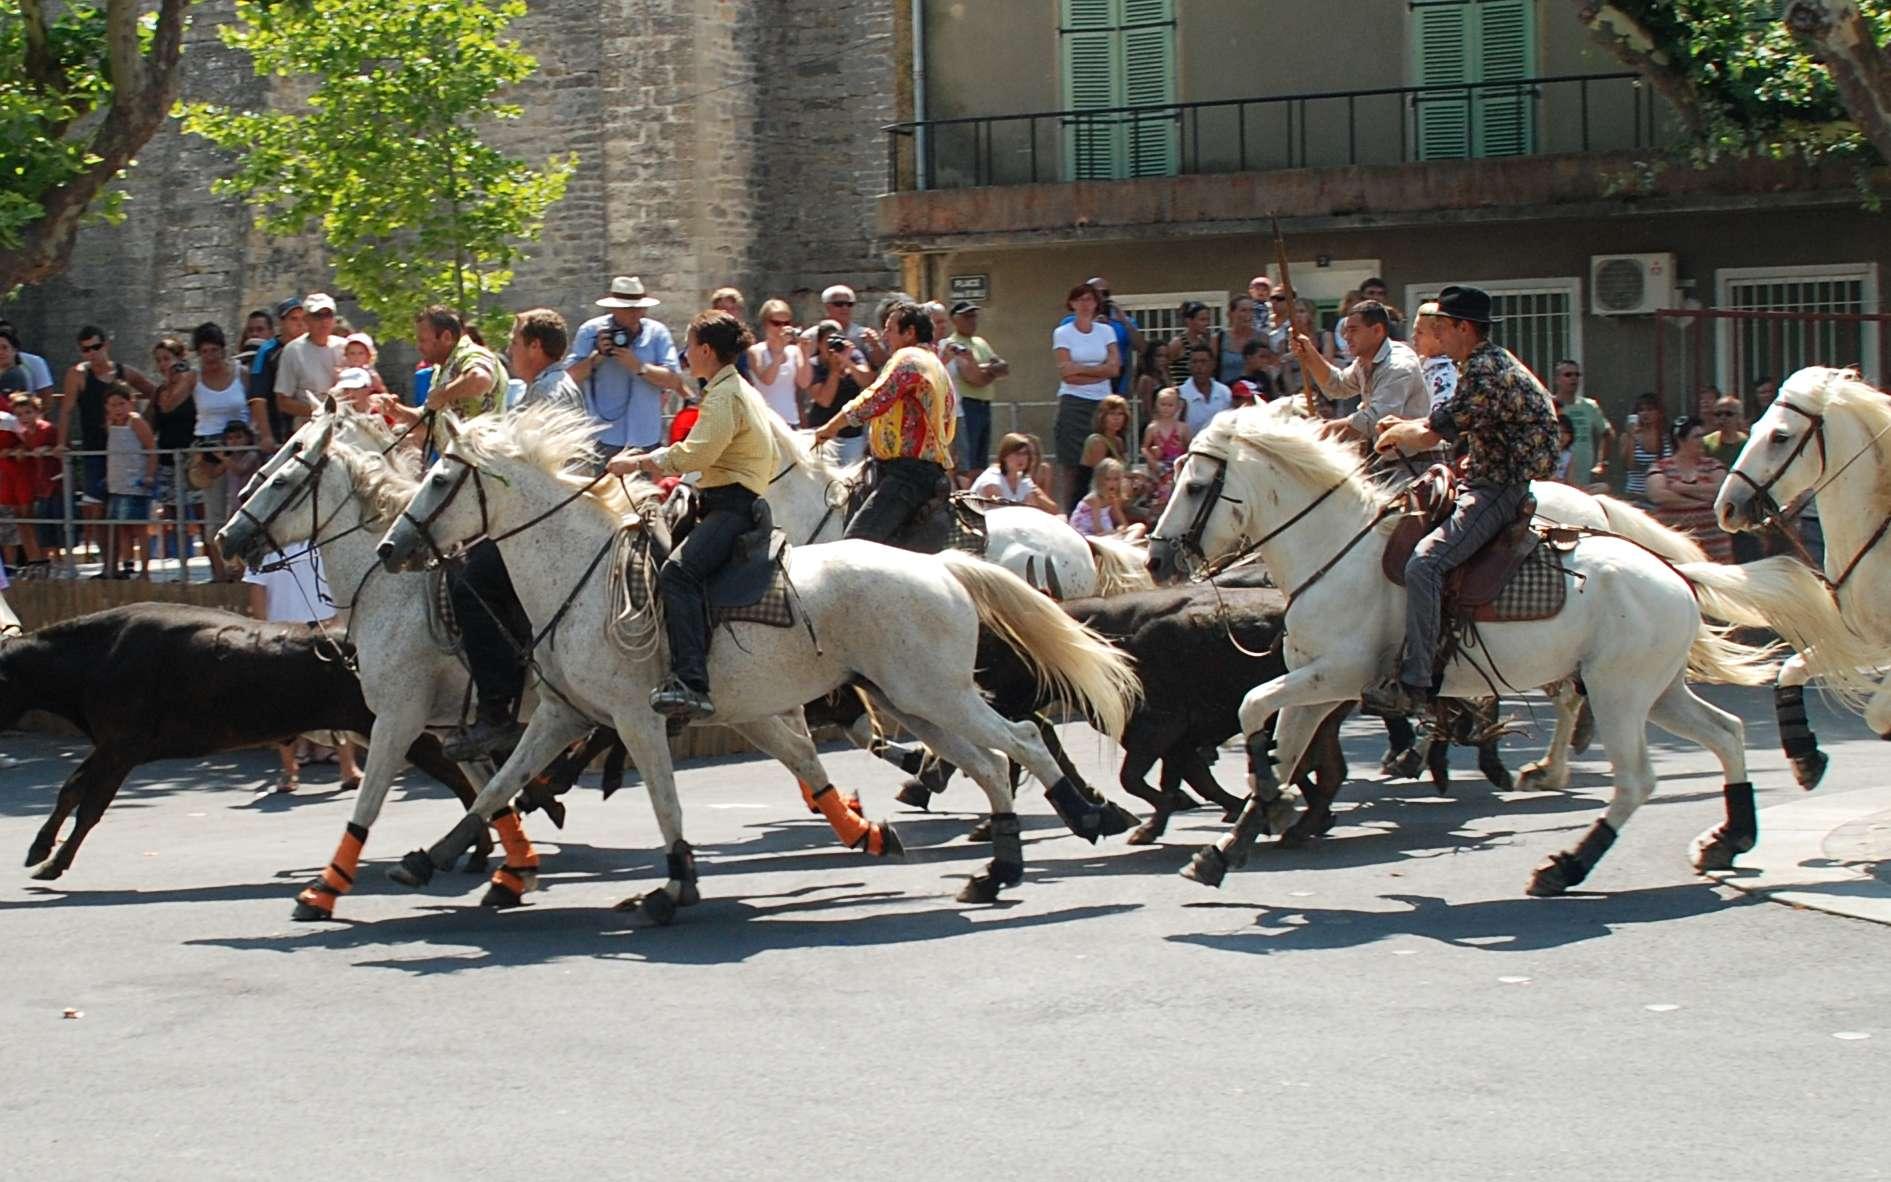 L'abrivado, traditionnel rituel d'une feria camarguaise, consiste à emmener le taureau de sa manade à l'arène. Ici, dans le village de Calvisson (Gard). © EmDee, Wikimedia Commons, CC by-sa 3.0